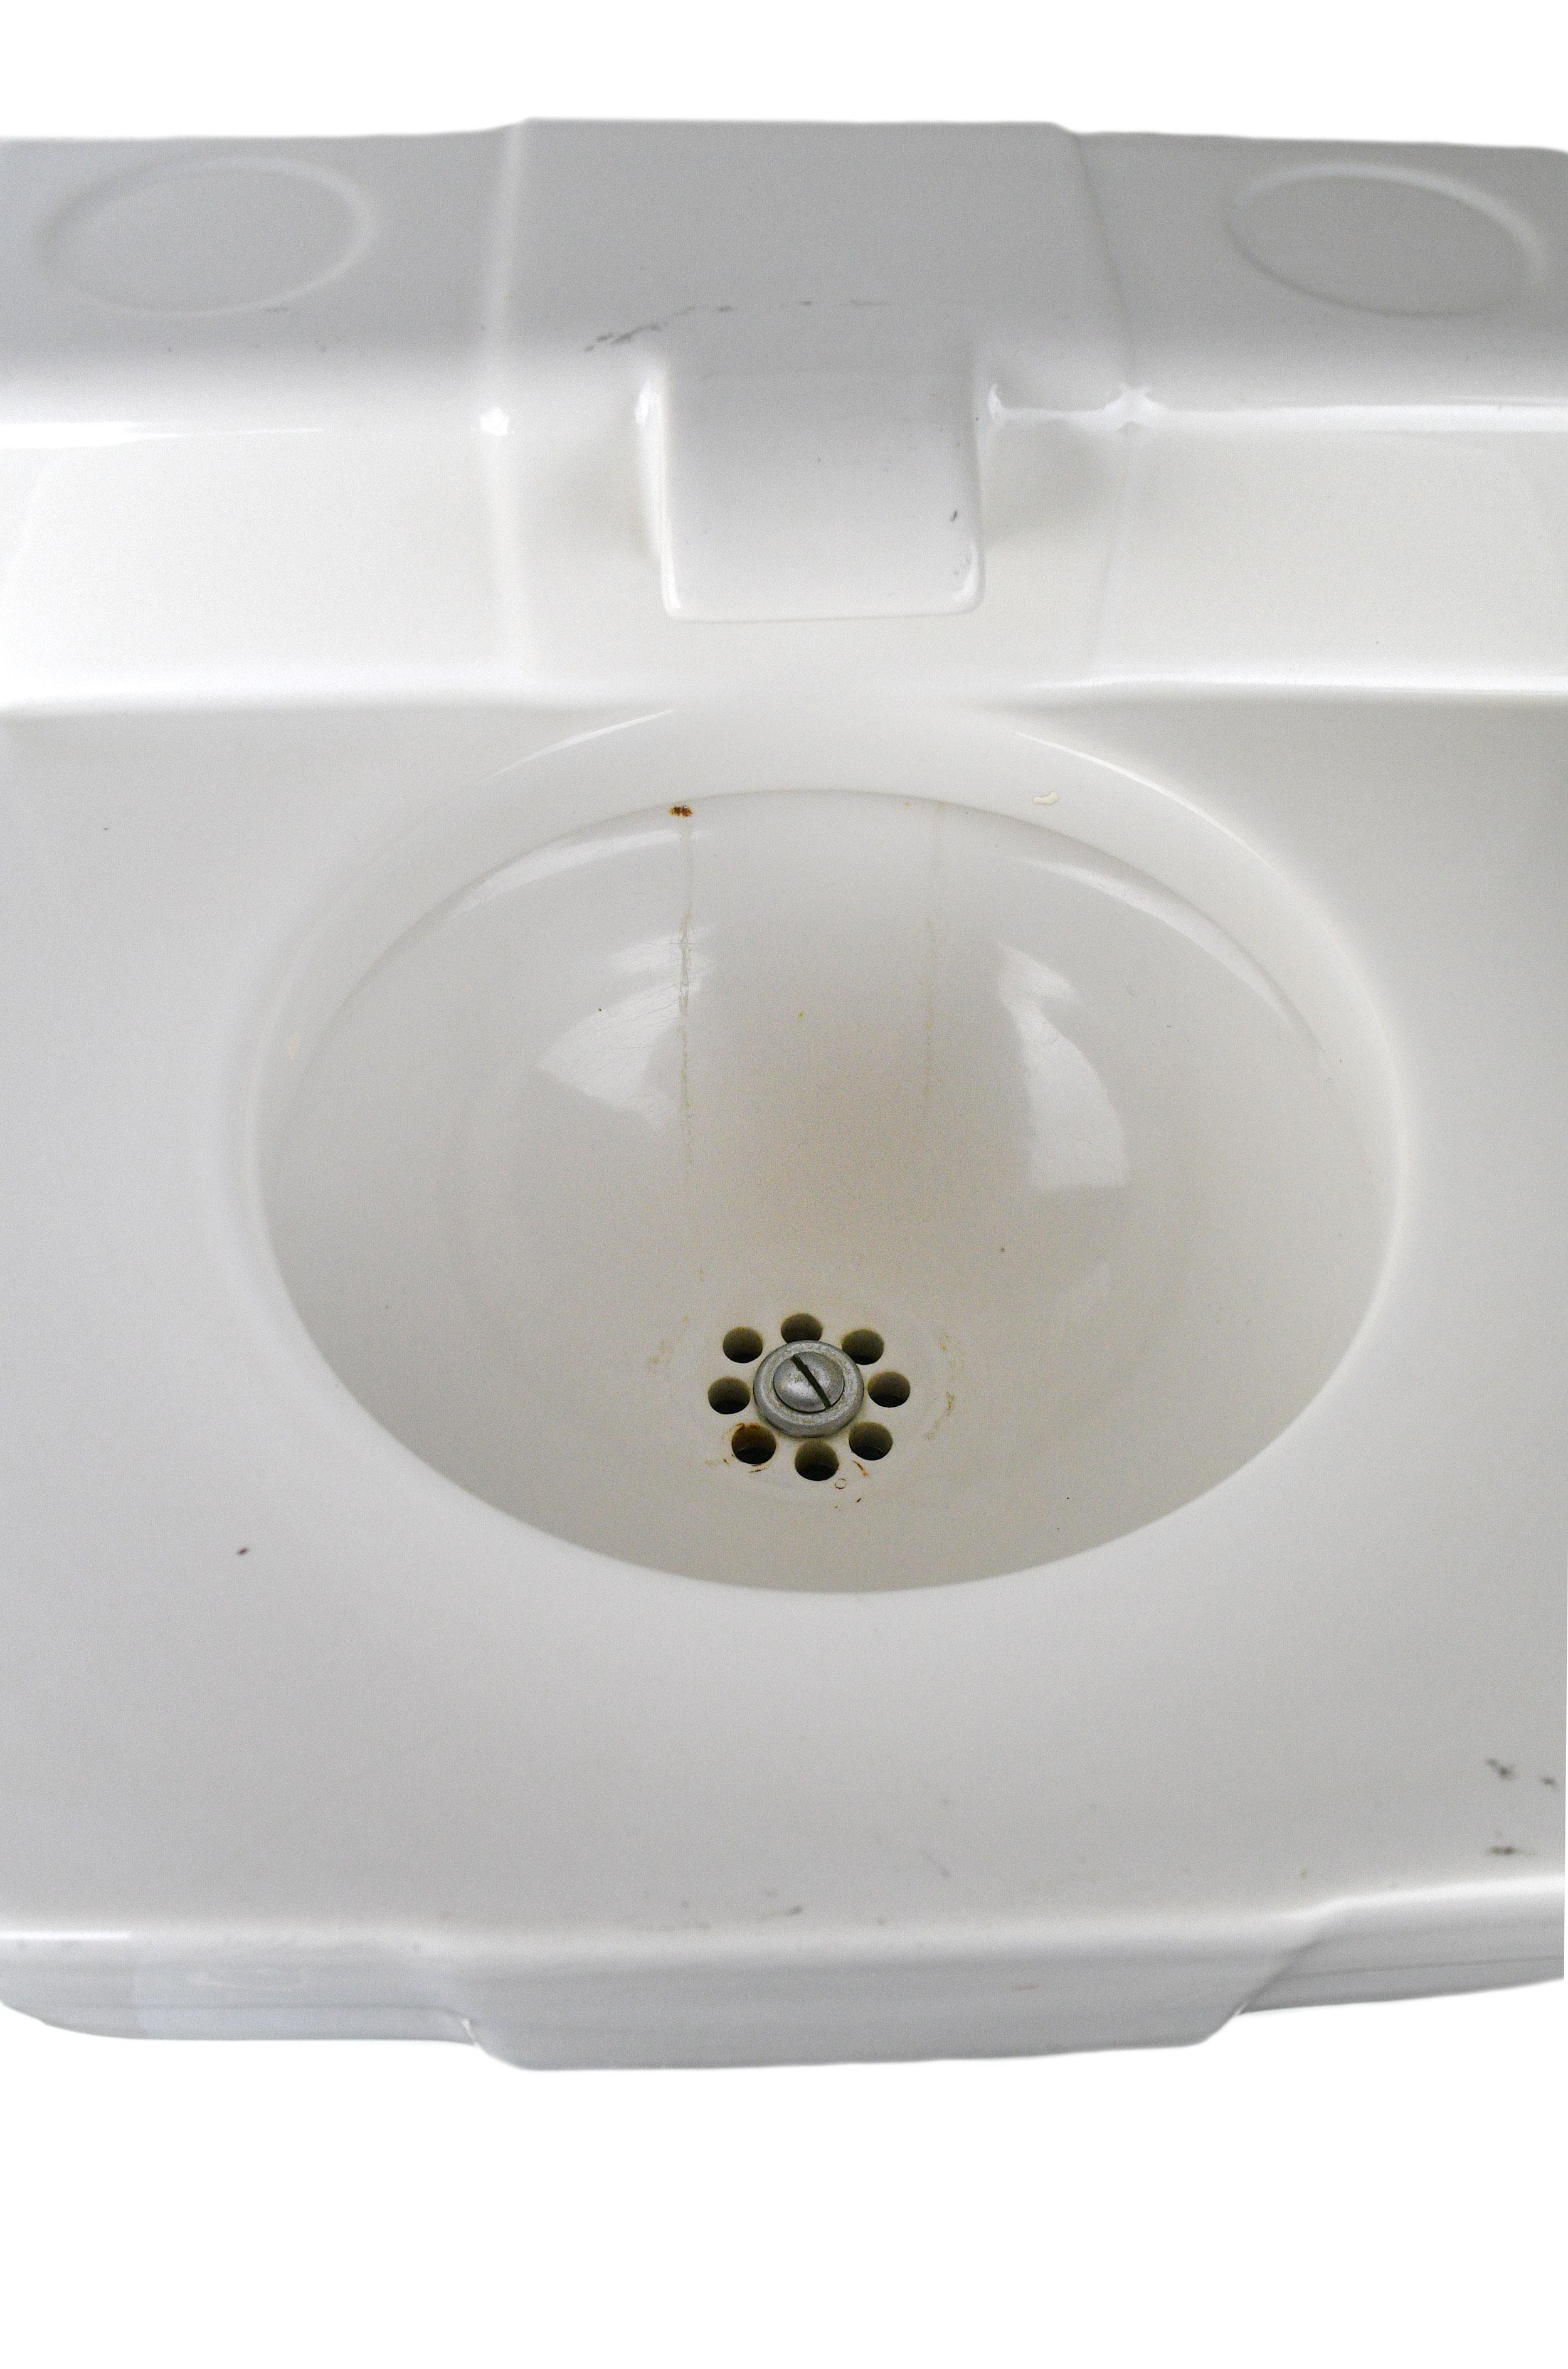 petite-sink-3.jpg